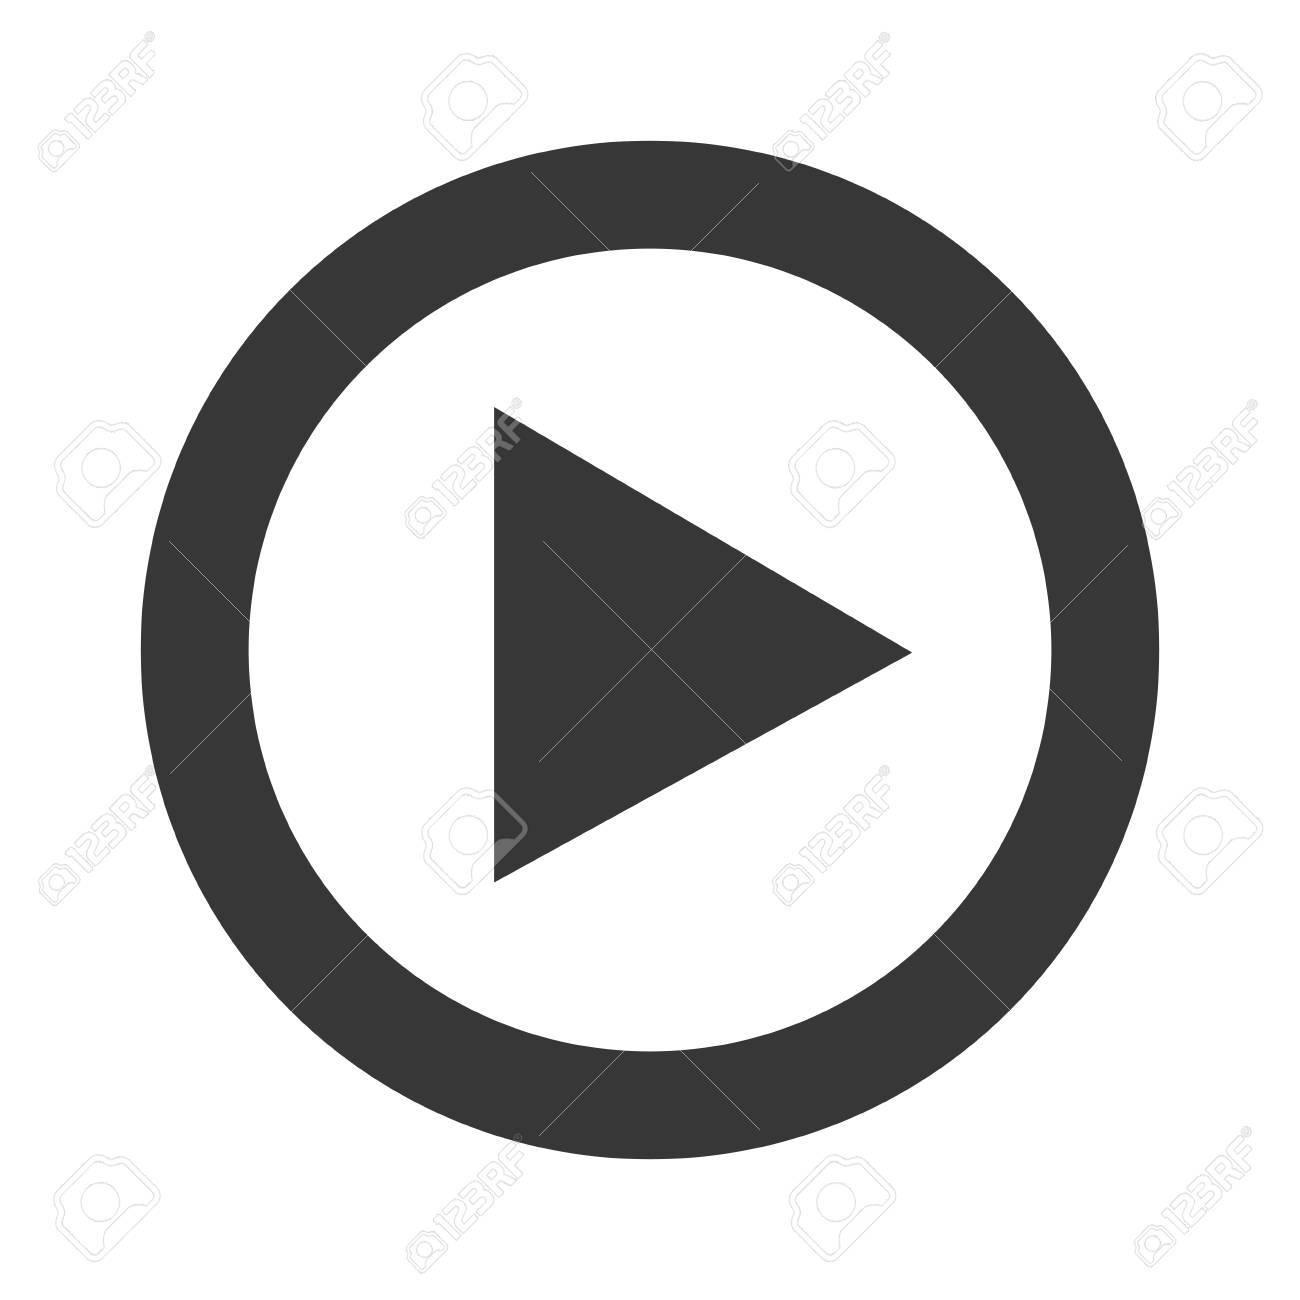 71fa8450e5 Foto de archivo - Reproducir vídeo icono inwhite y gris, la ilustración  vectorial.